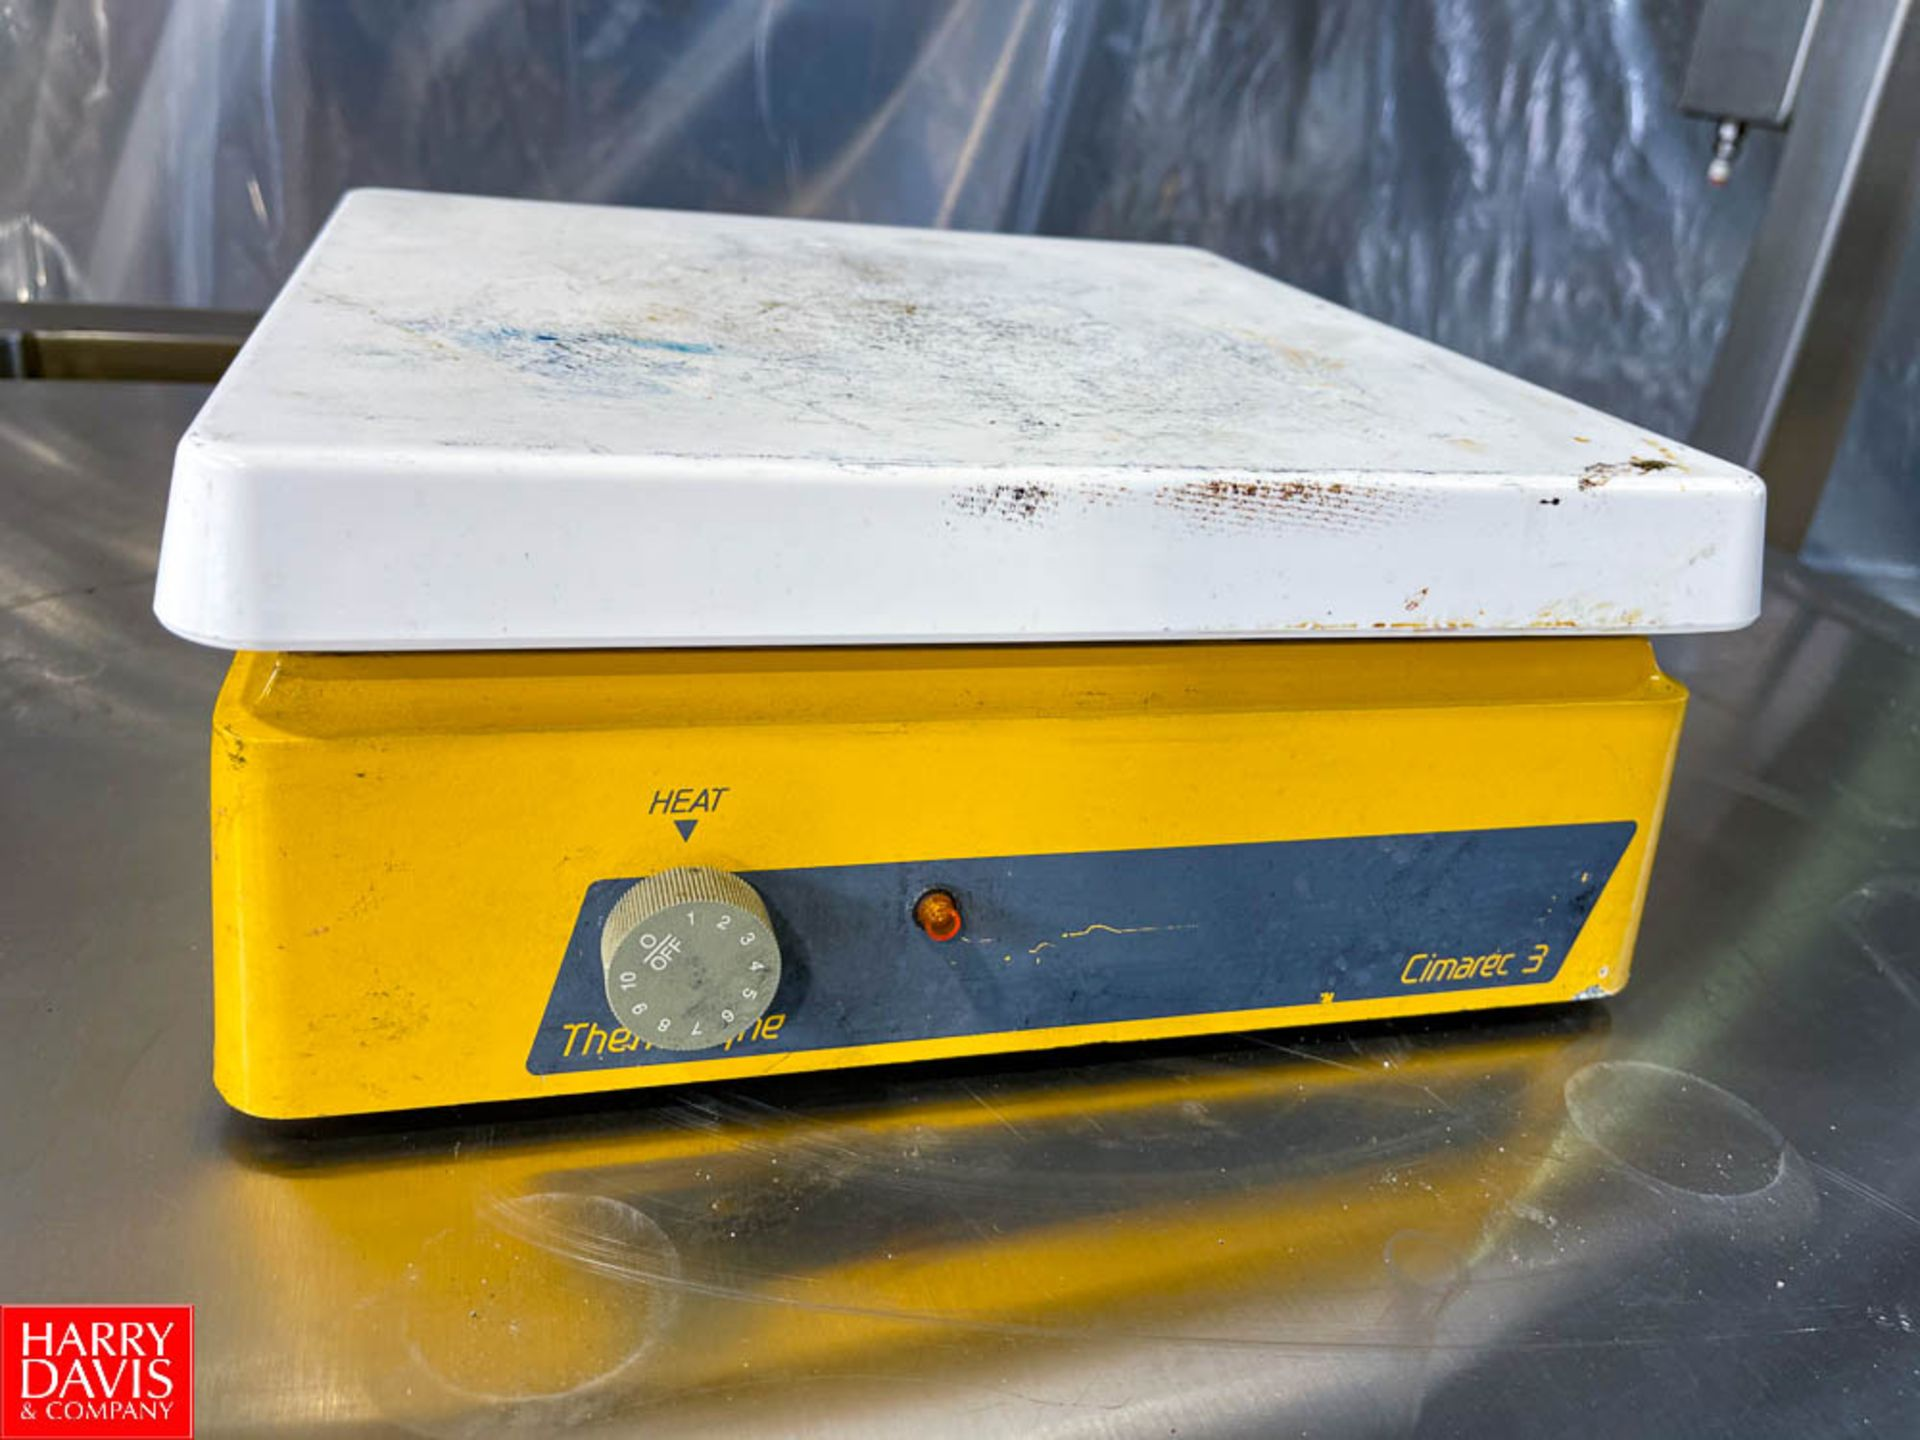 Barnstead Lab-Line Cimarec 3 Magnetic Hot Plate with Strirrer Model HP47135-60